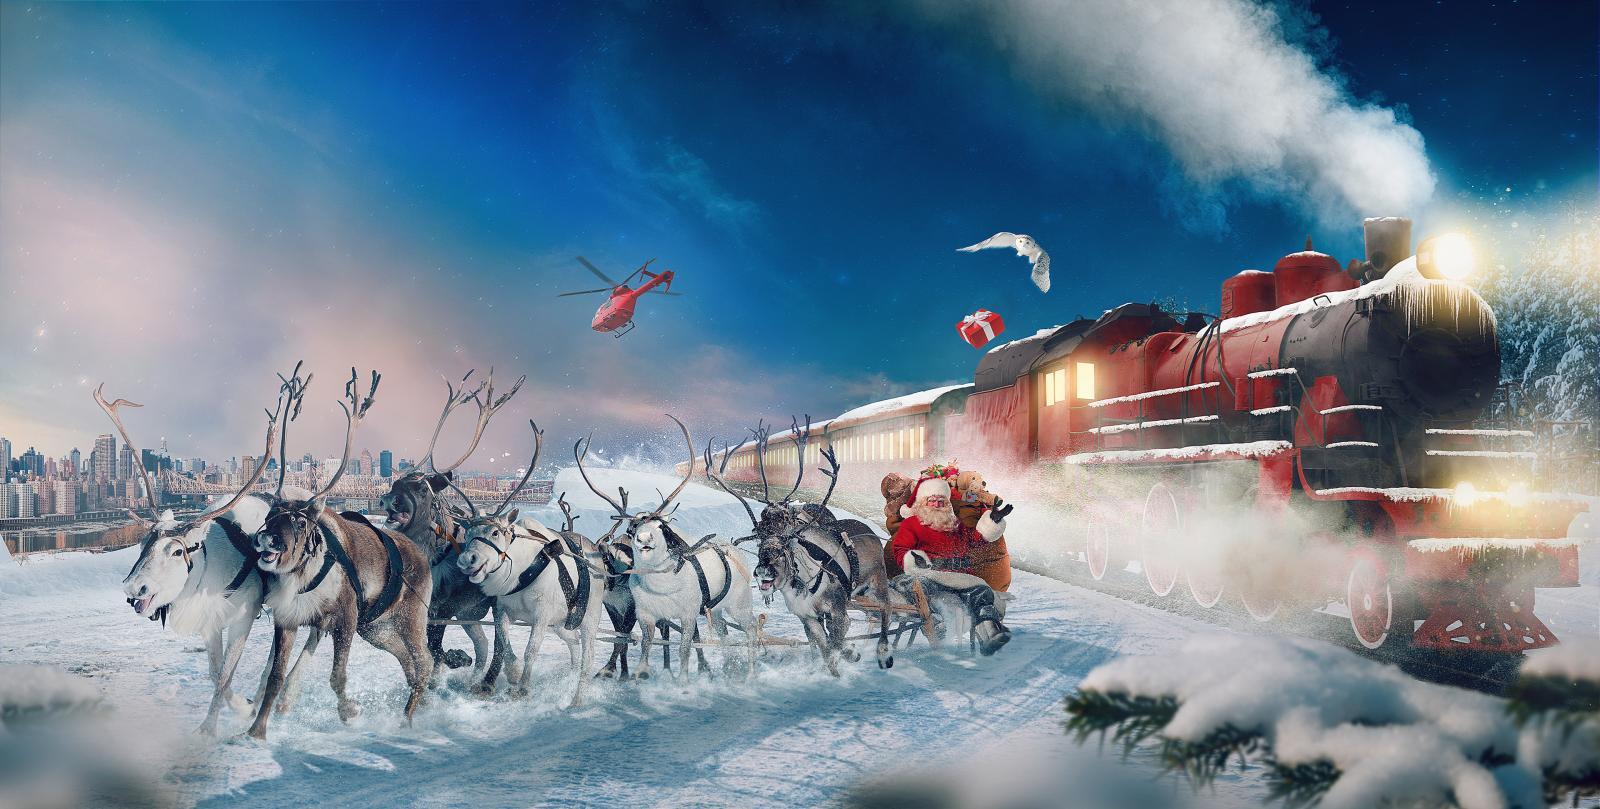 reindeer-chariot-santa-claus-gifts.jpg